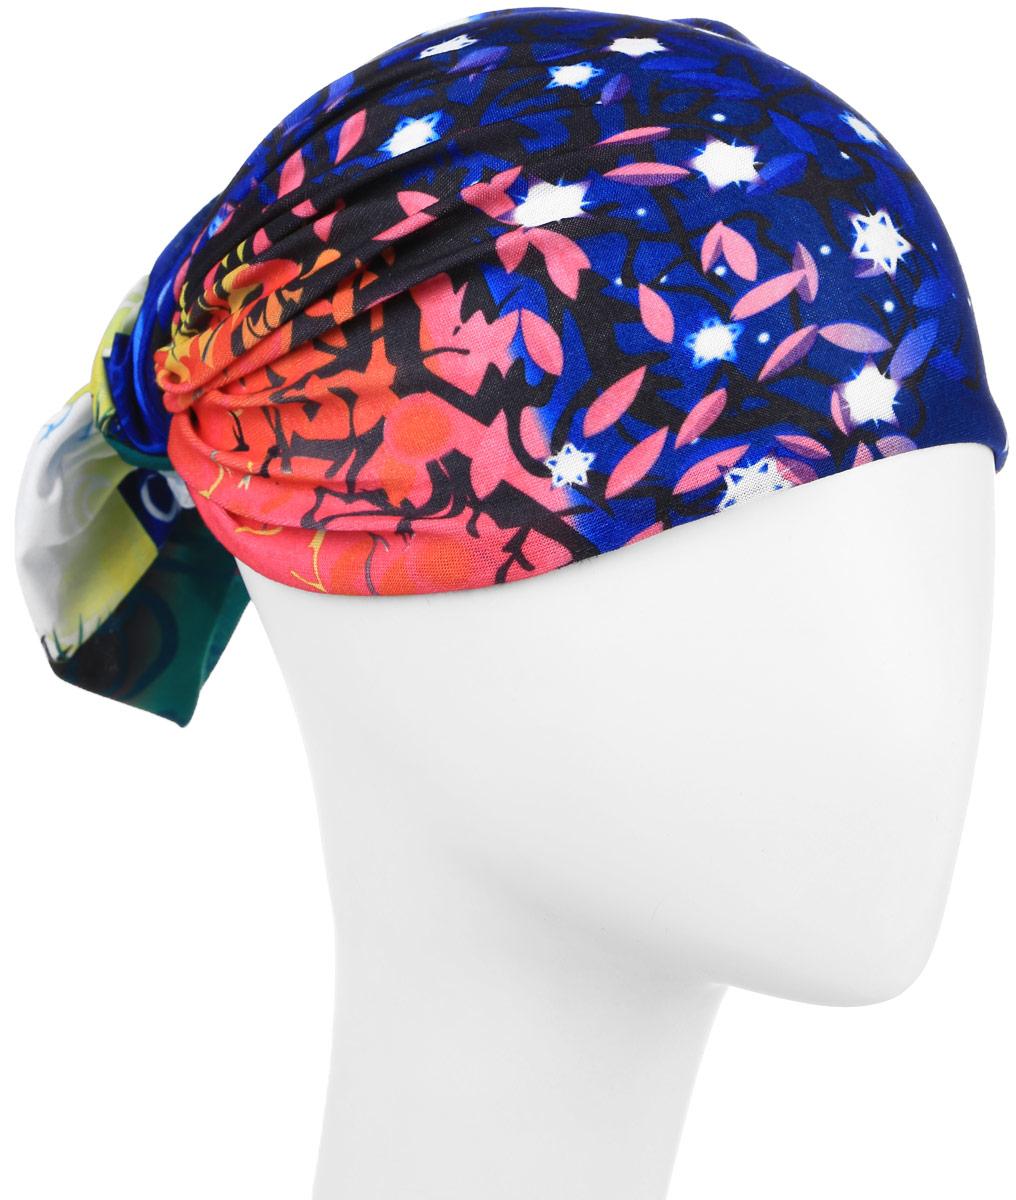 Повязка на головуPoY100232Повязка на голову из хлопка с полиэстером в яркой цветовой гамме. Размер универсальный. Различные варианты носки.